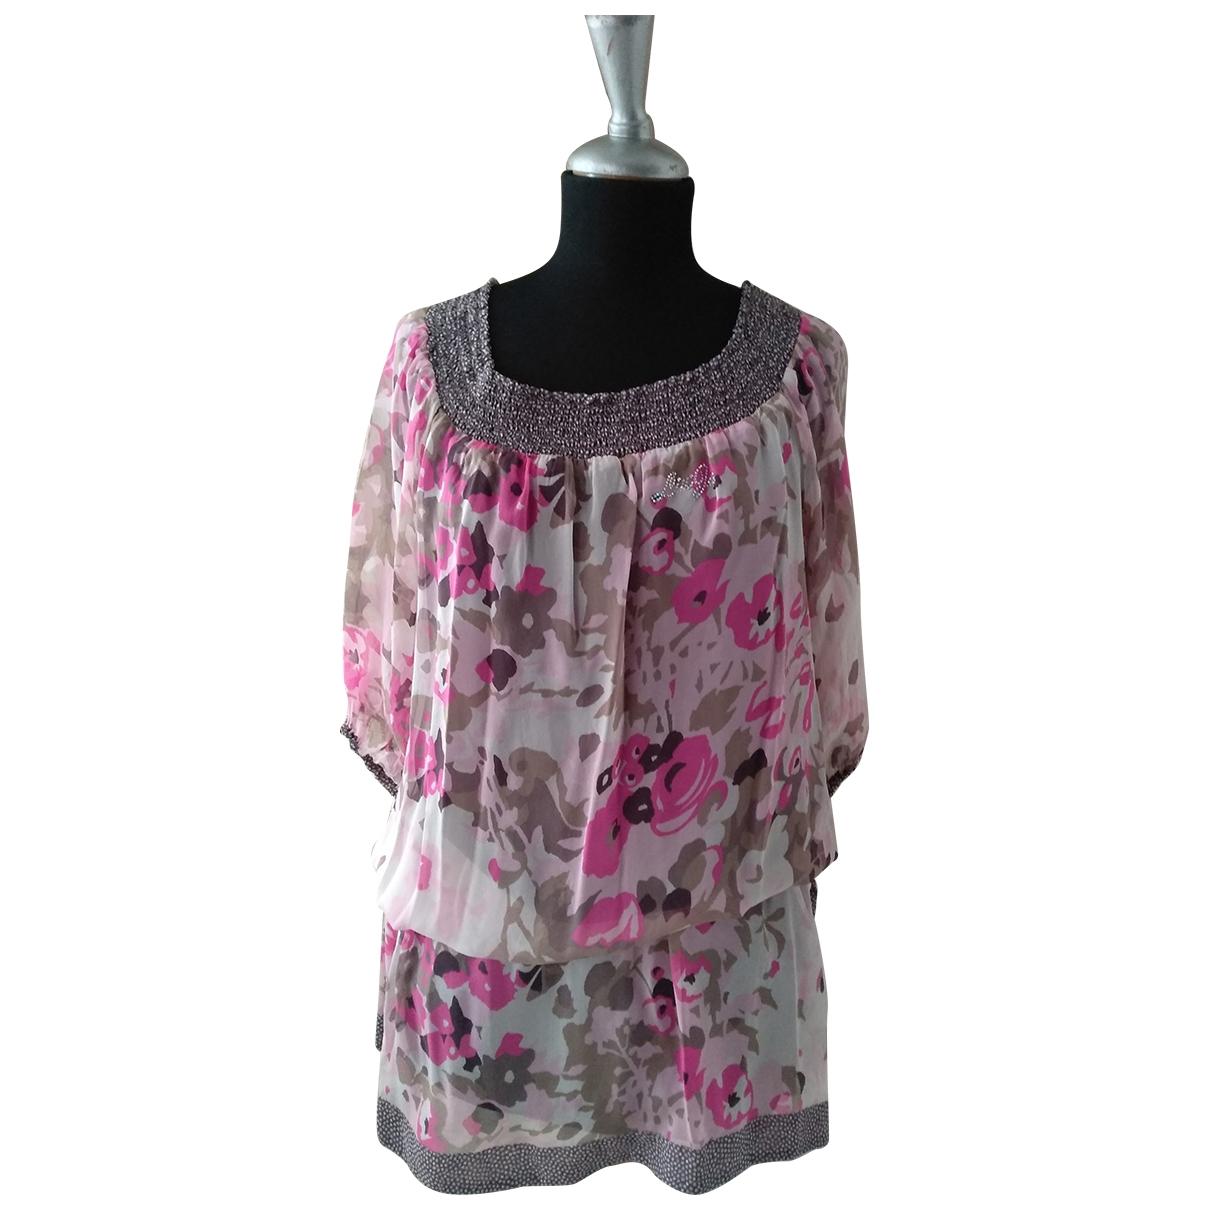 Liu.jo - Top   pour femme en soie - multicolore